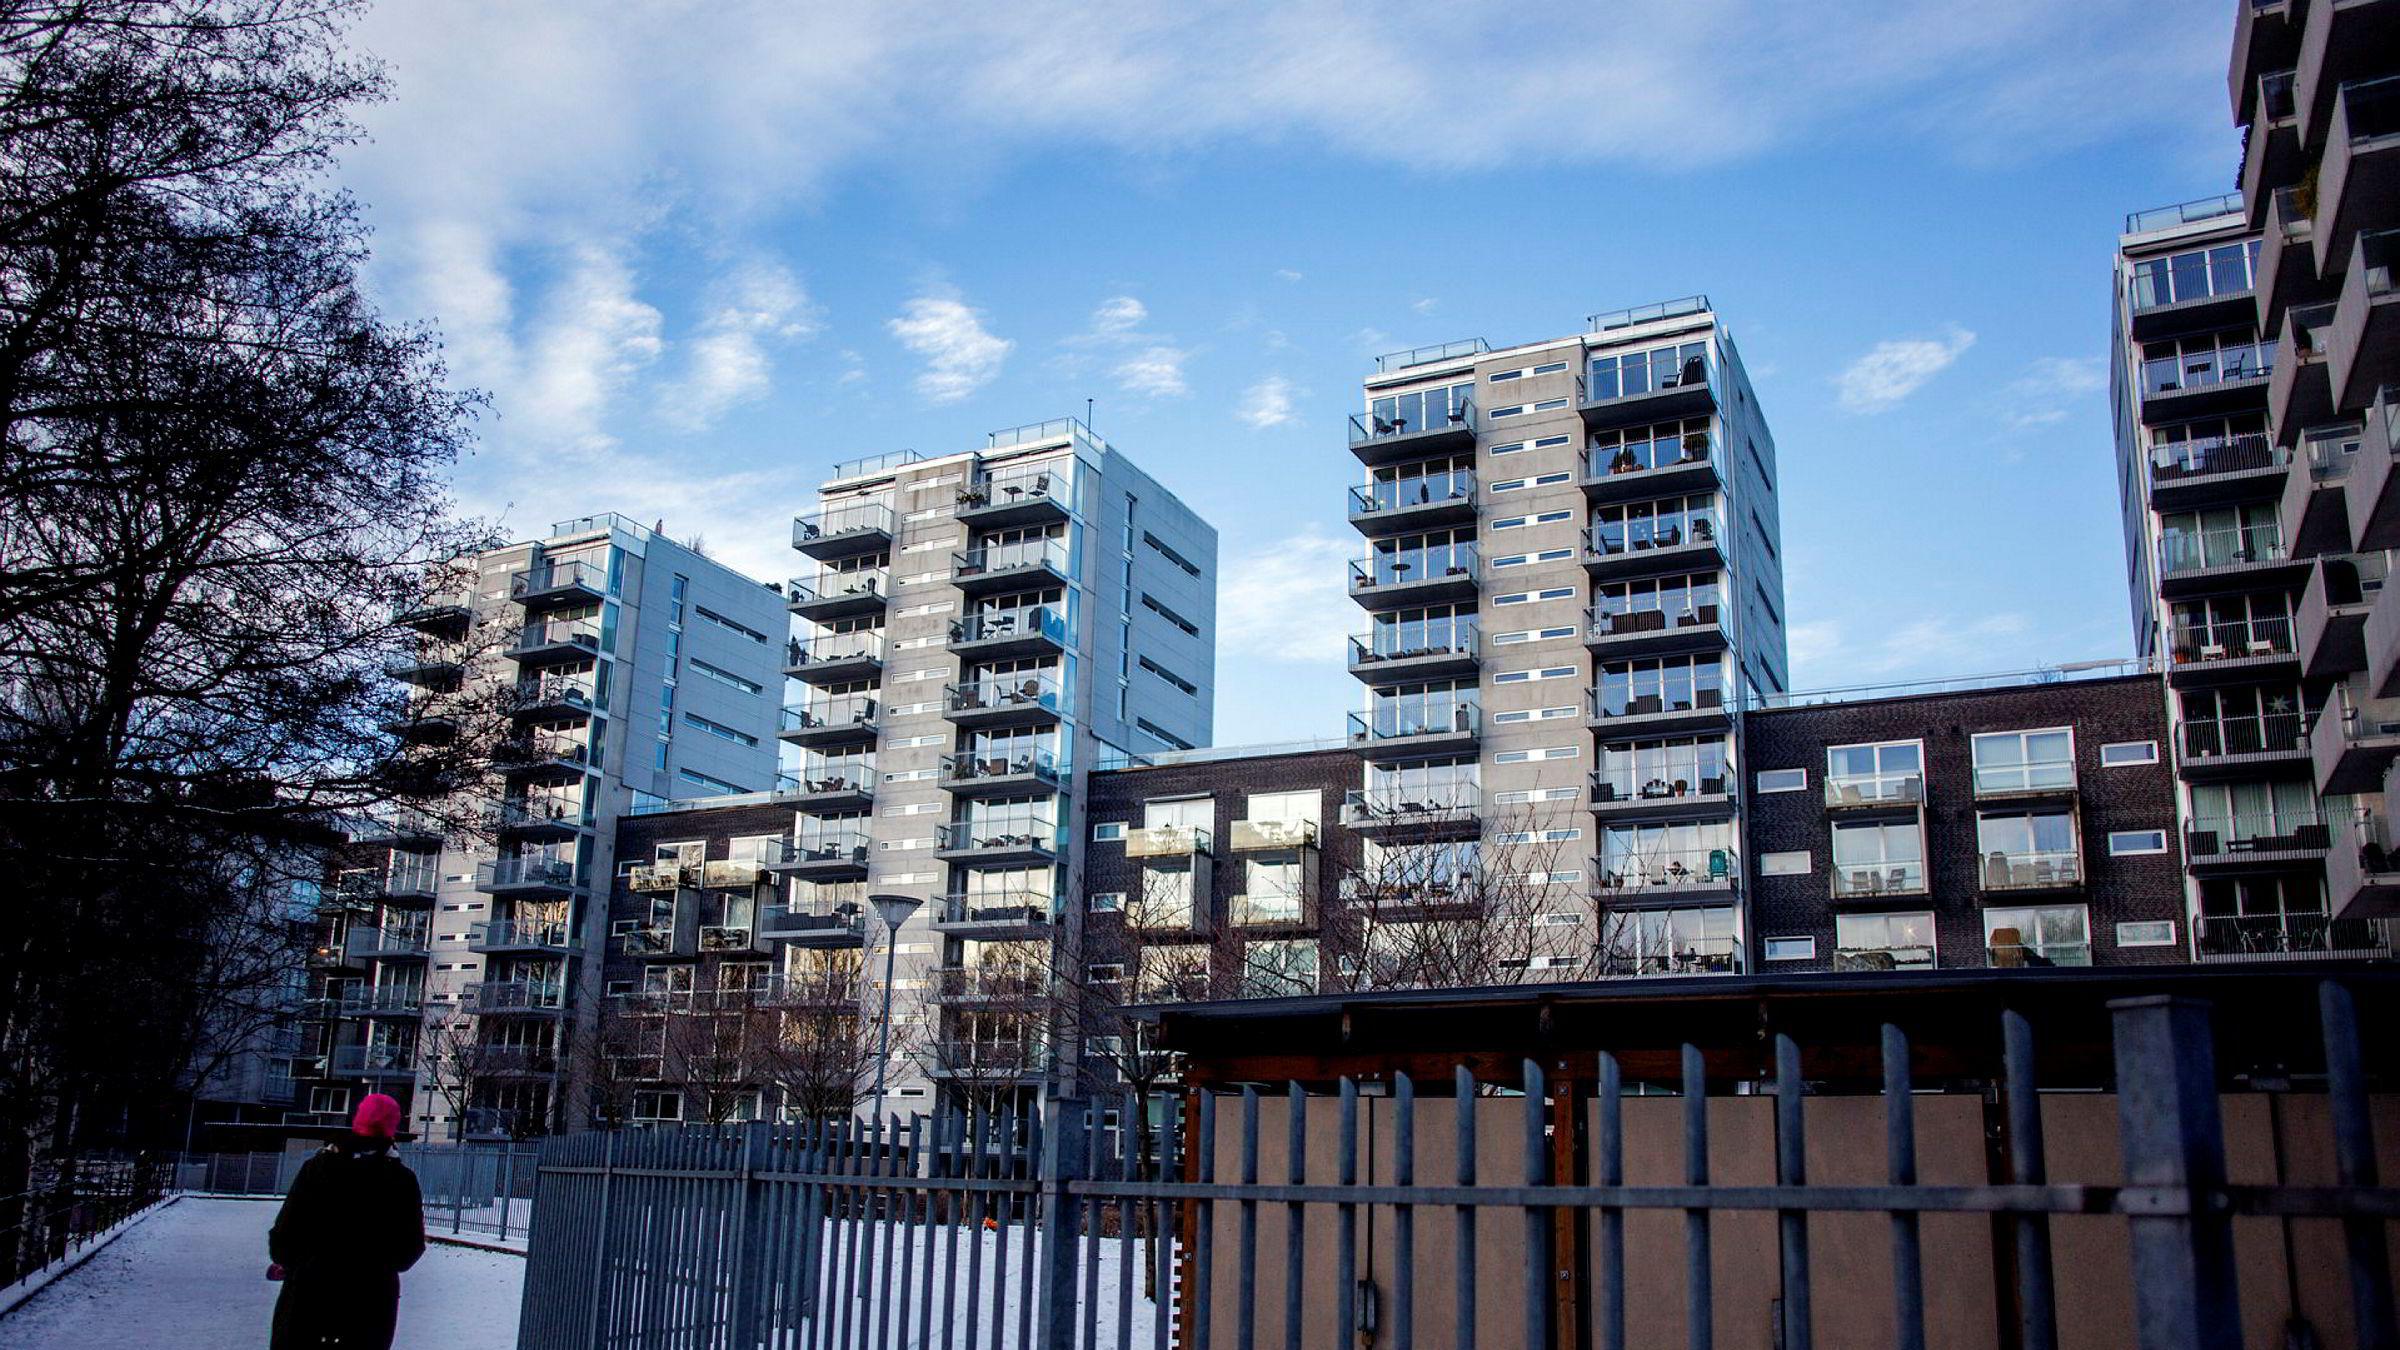 Et annet spørsmål med konsekvenser i kredittmarkedet er utviklingen i boligprisene for Norge og Sverige. Hvordan vil den påvirke bankene?